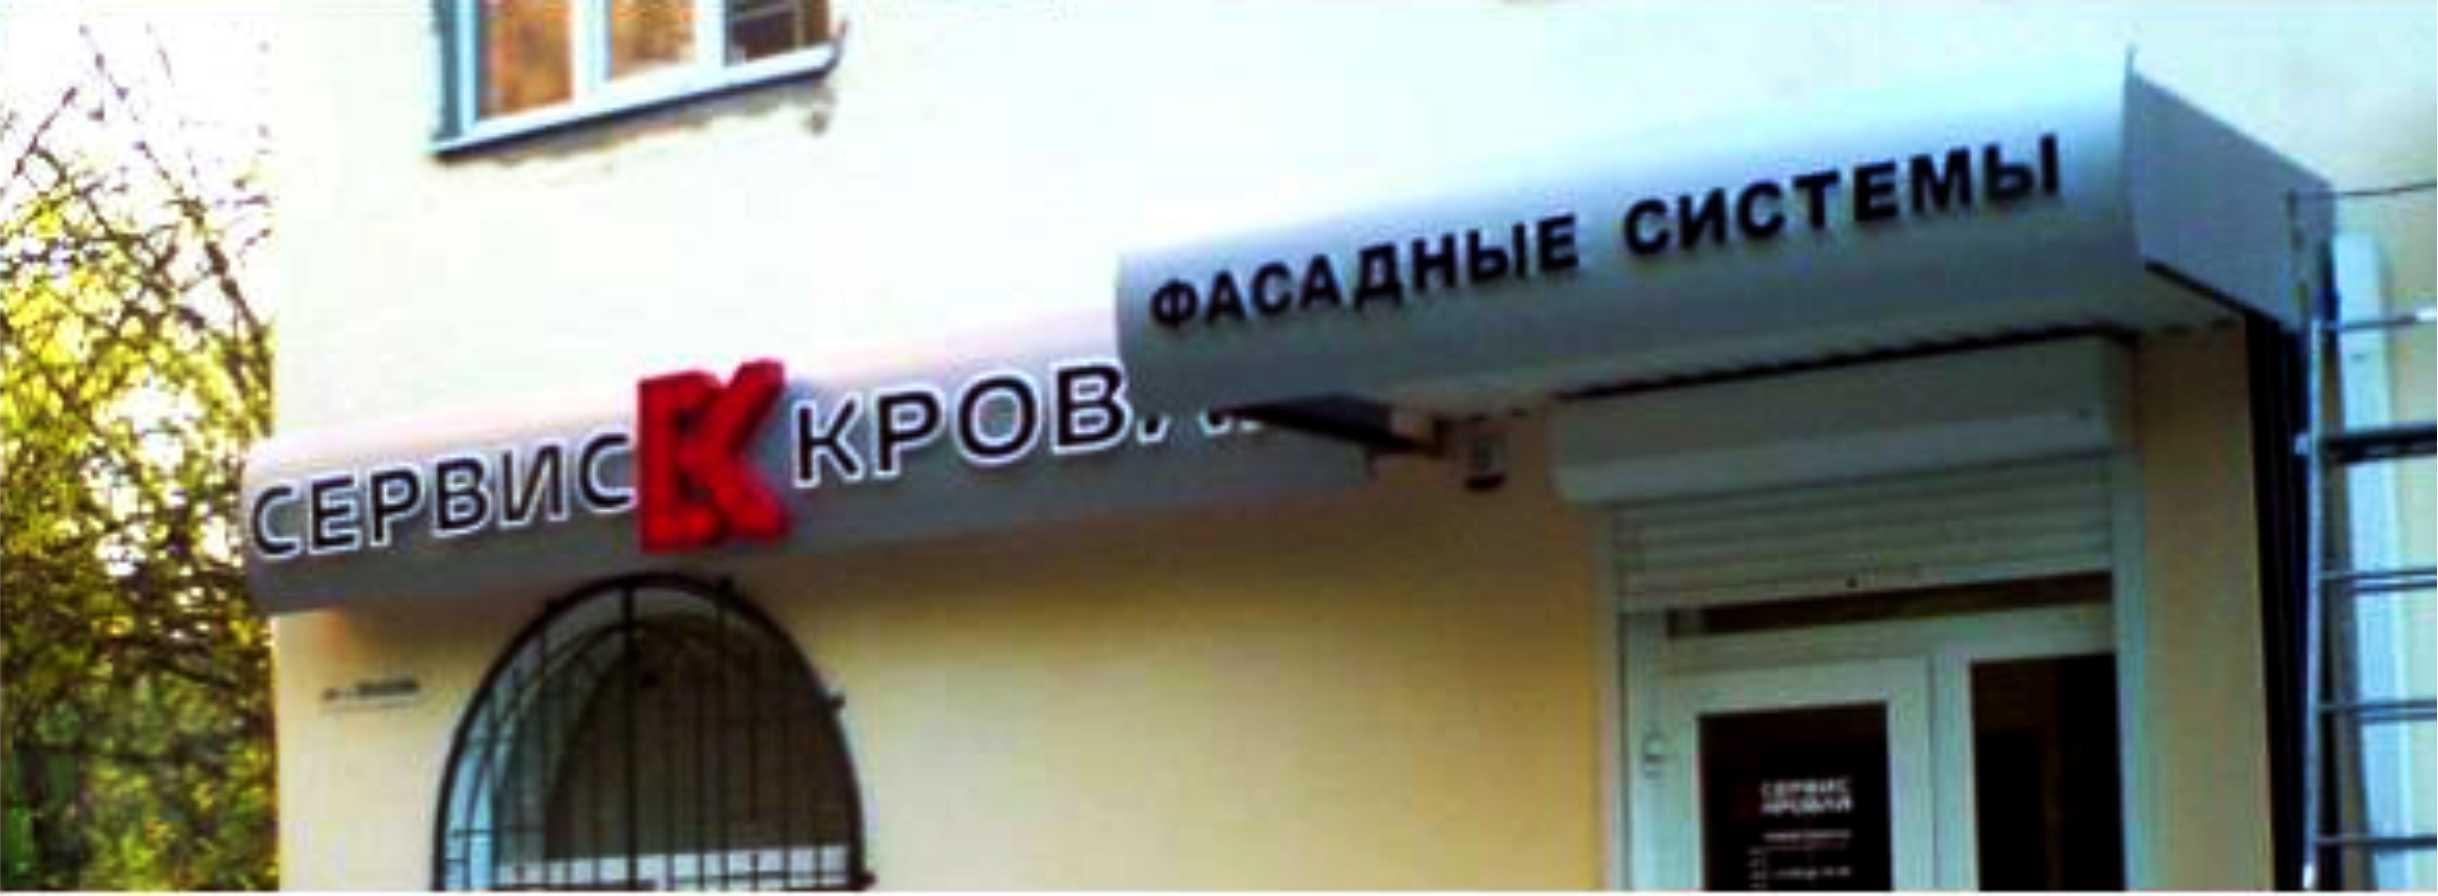 Фотография лайтбокса с объемными буквами в Ростове-на-Дону.